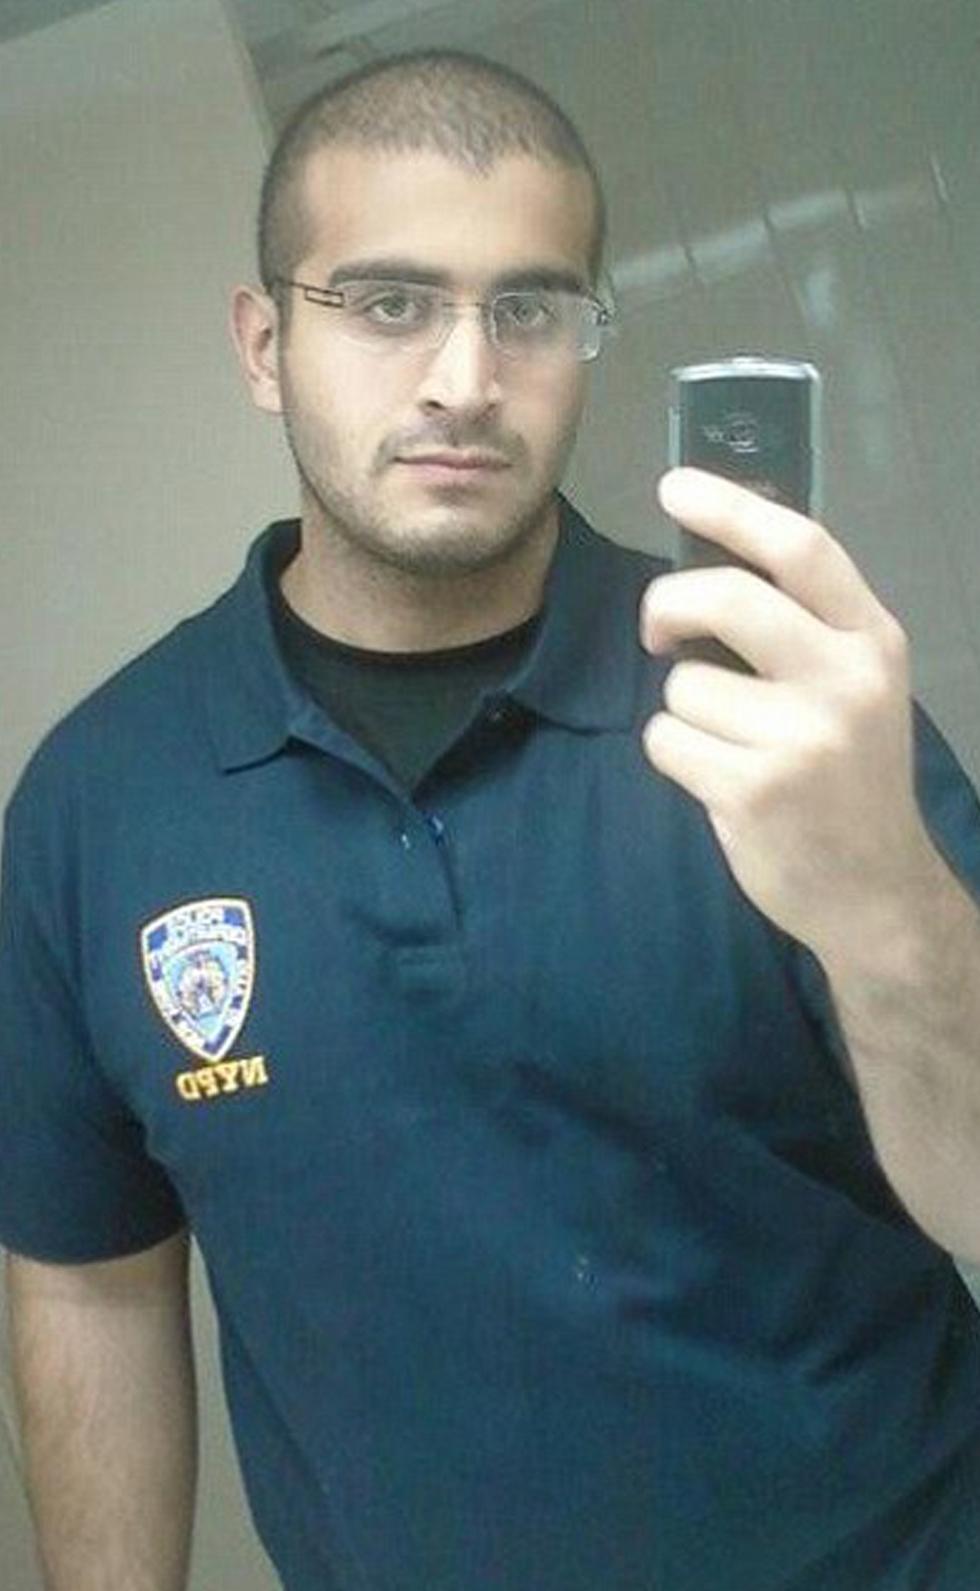 כנראה זאב בודד בשם דאעש. עומאר מאטין ()